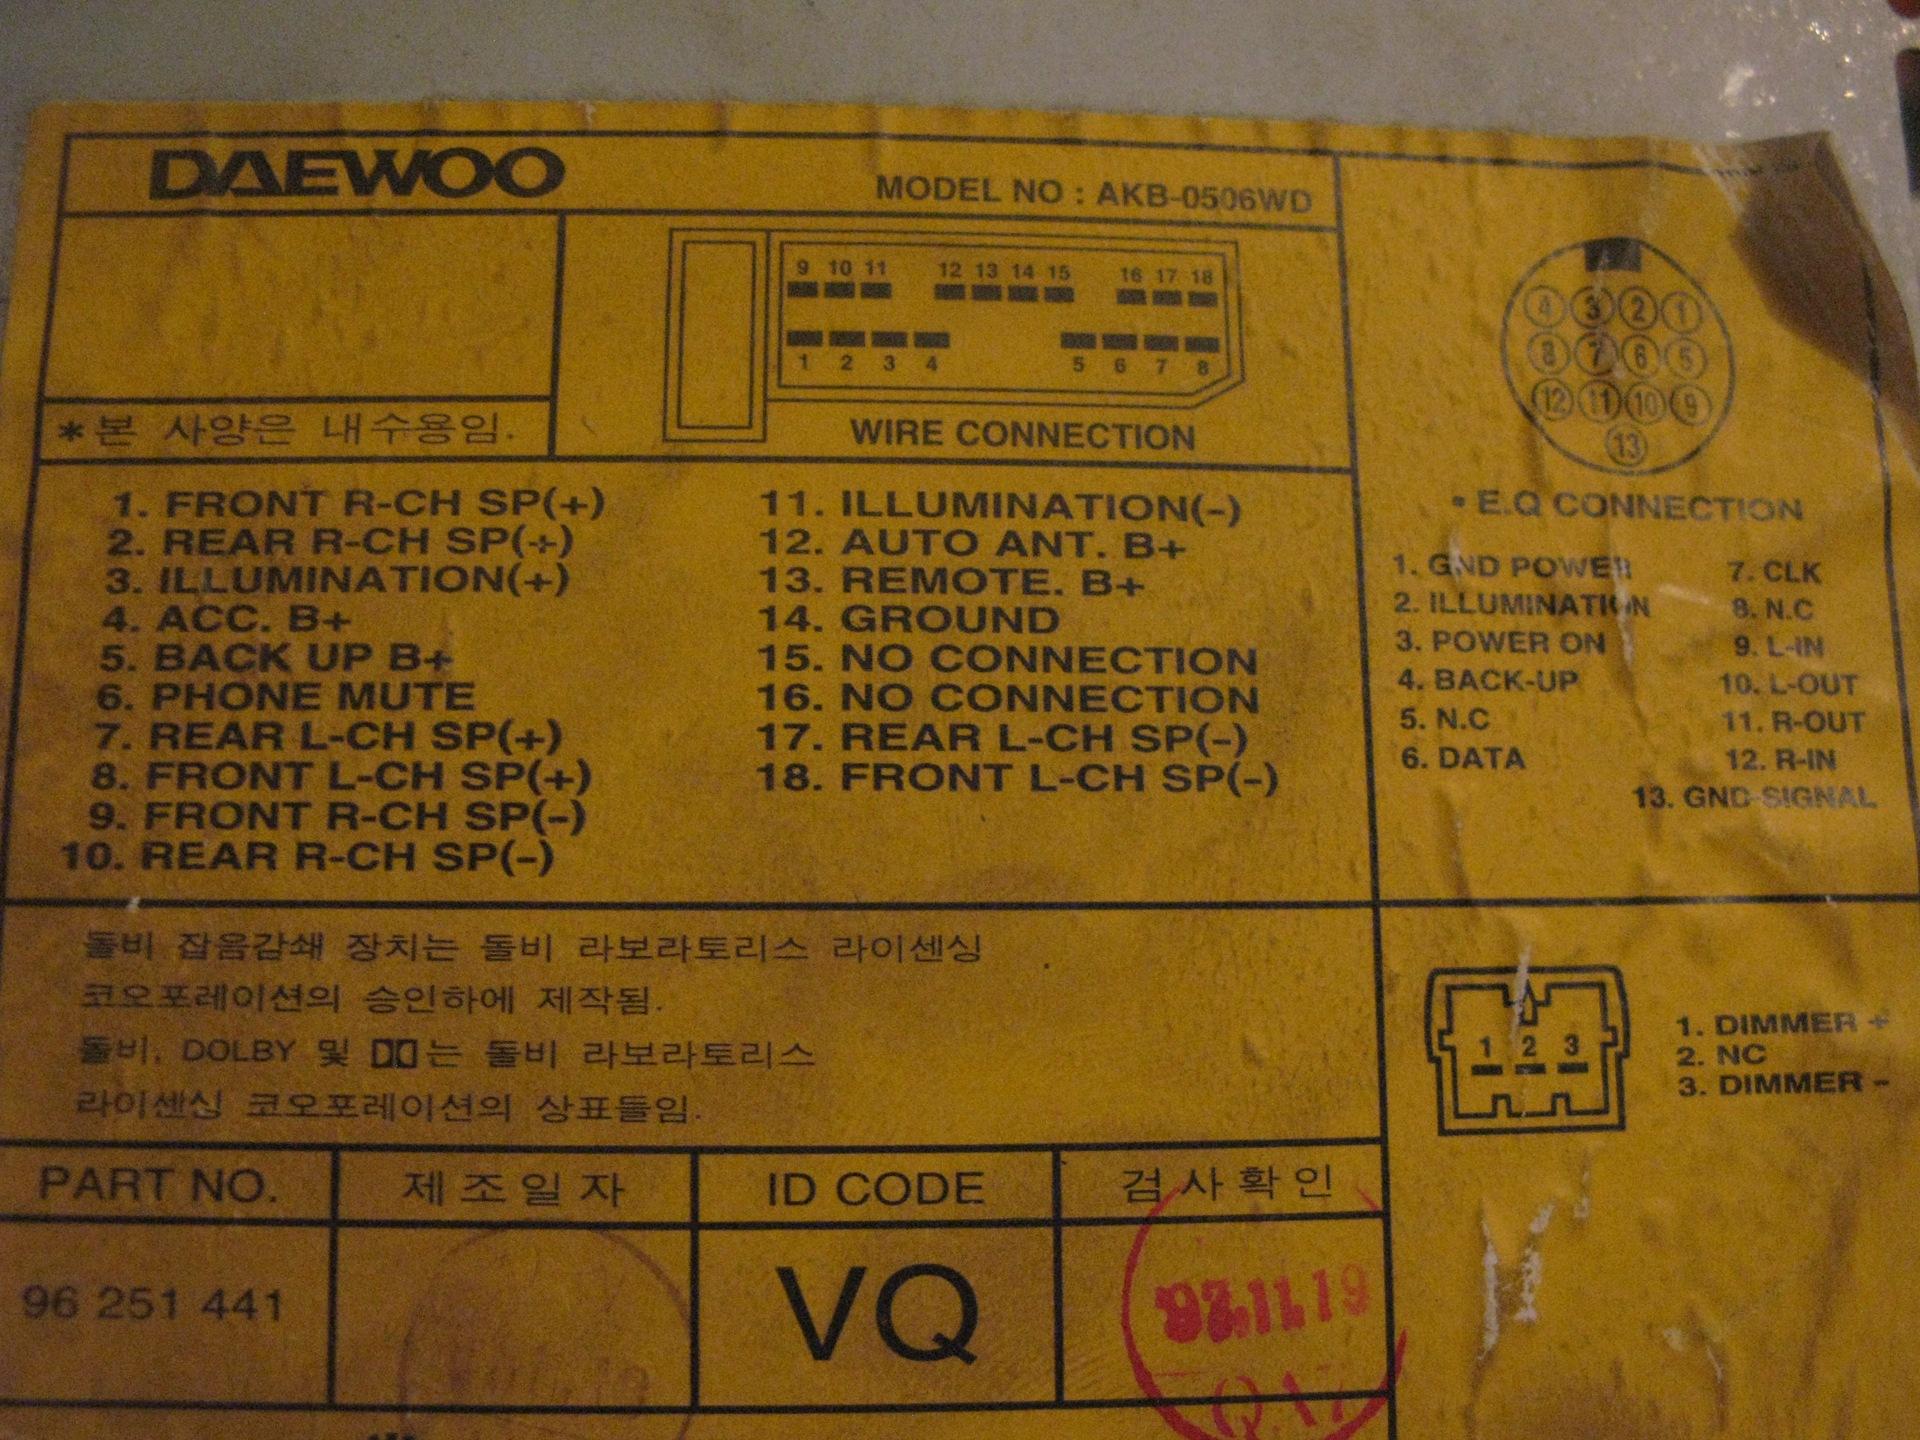 Daewoo nexia, 1999, 210111 км, ташкент